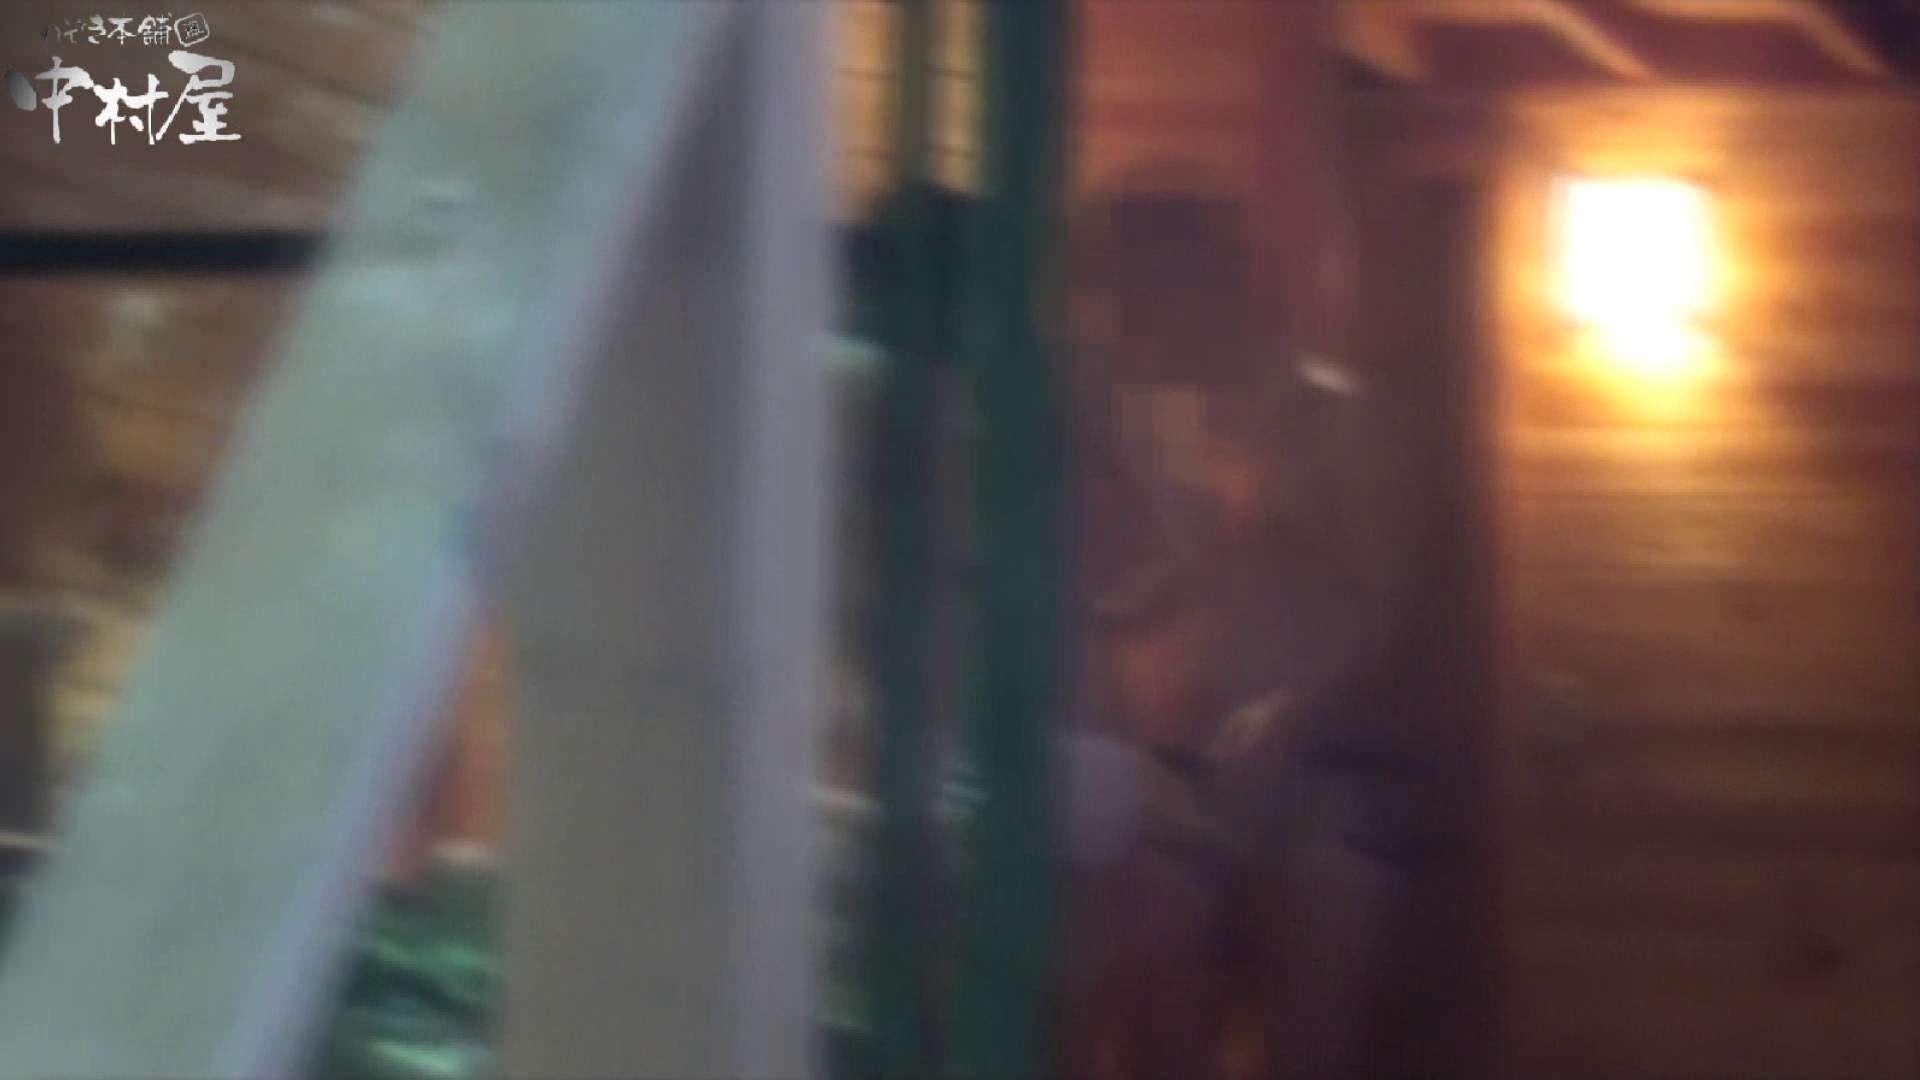 貸切露天 発情カップル! vol.04 盗撮 盗み撮り動画キャプチャ 76枚 3